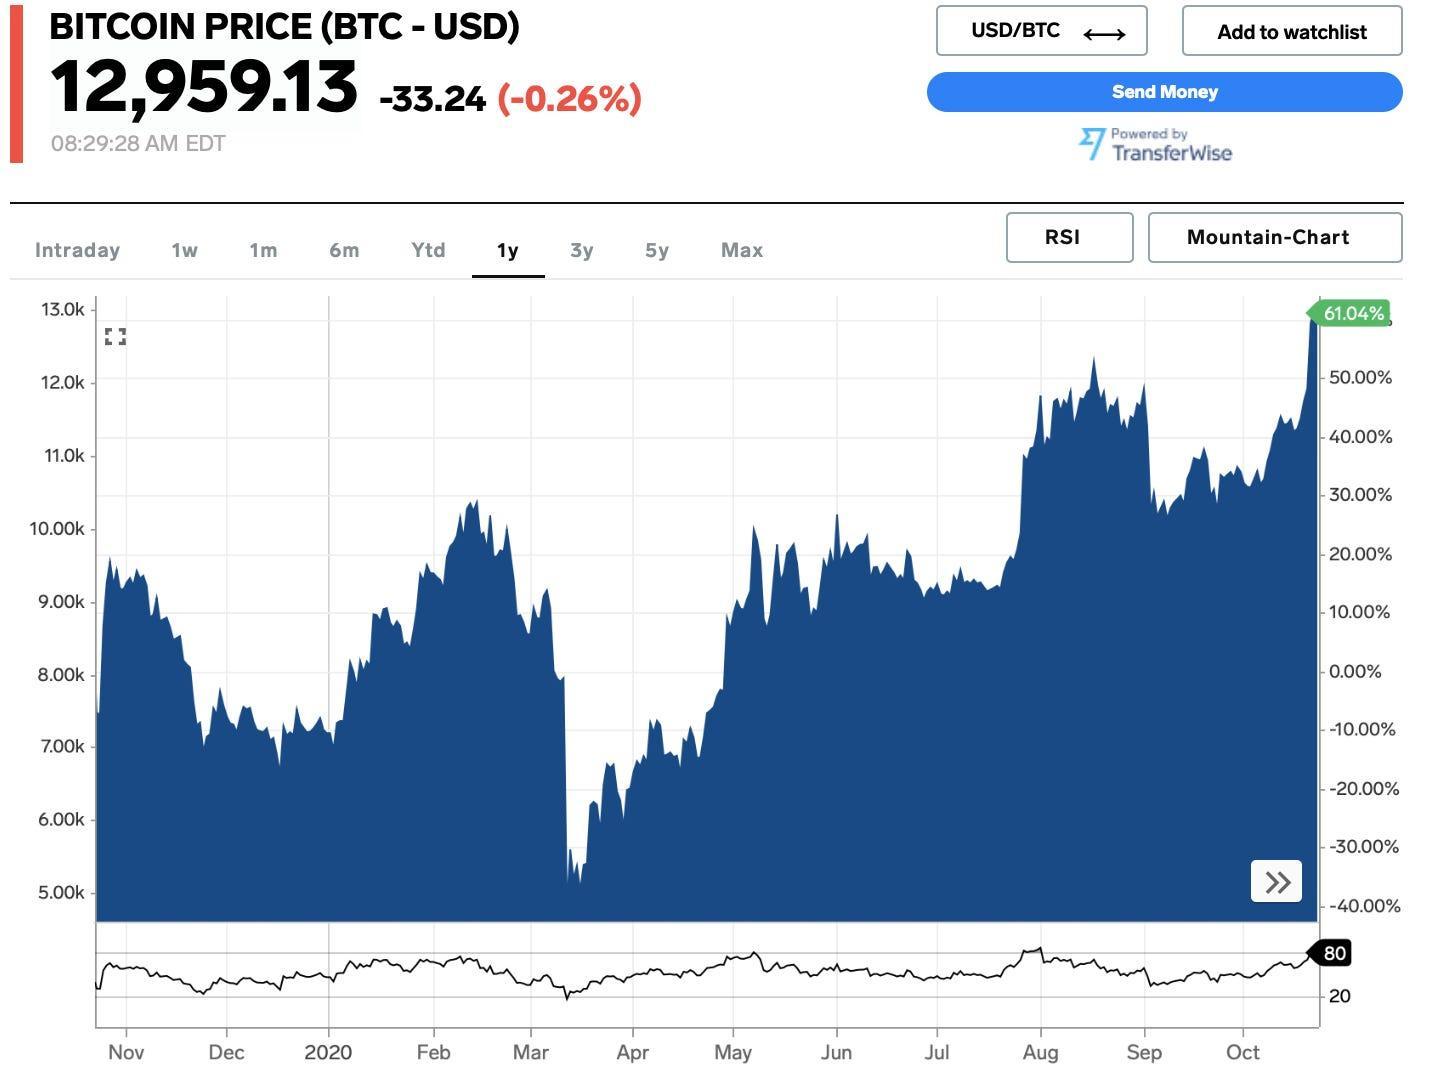 Bitcoin La Crypto Monnaie Explose De Plus De 50 Milliards Grâce à Paypal